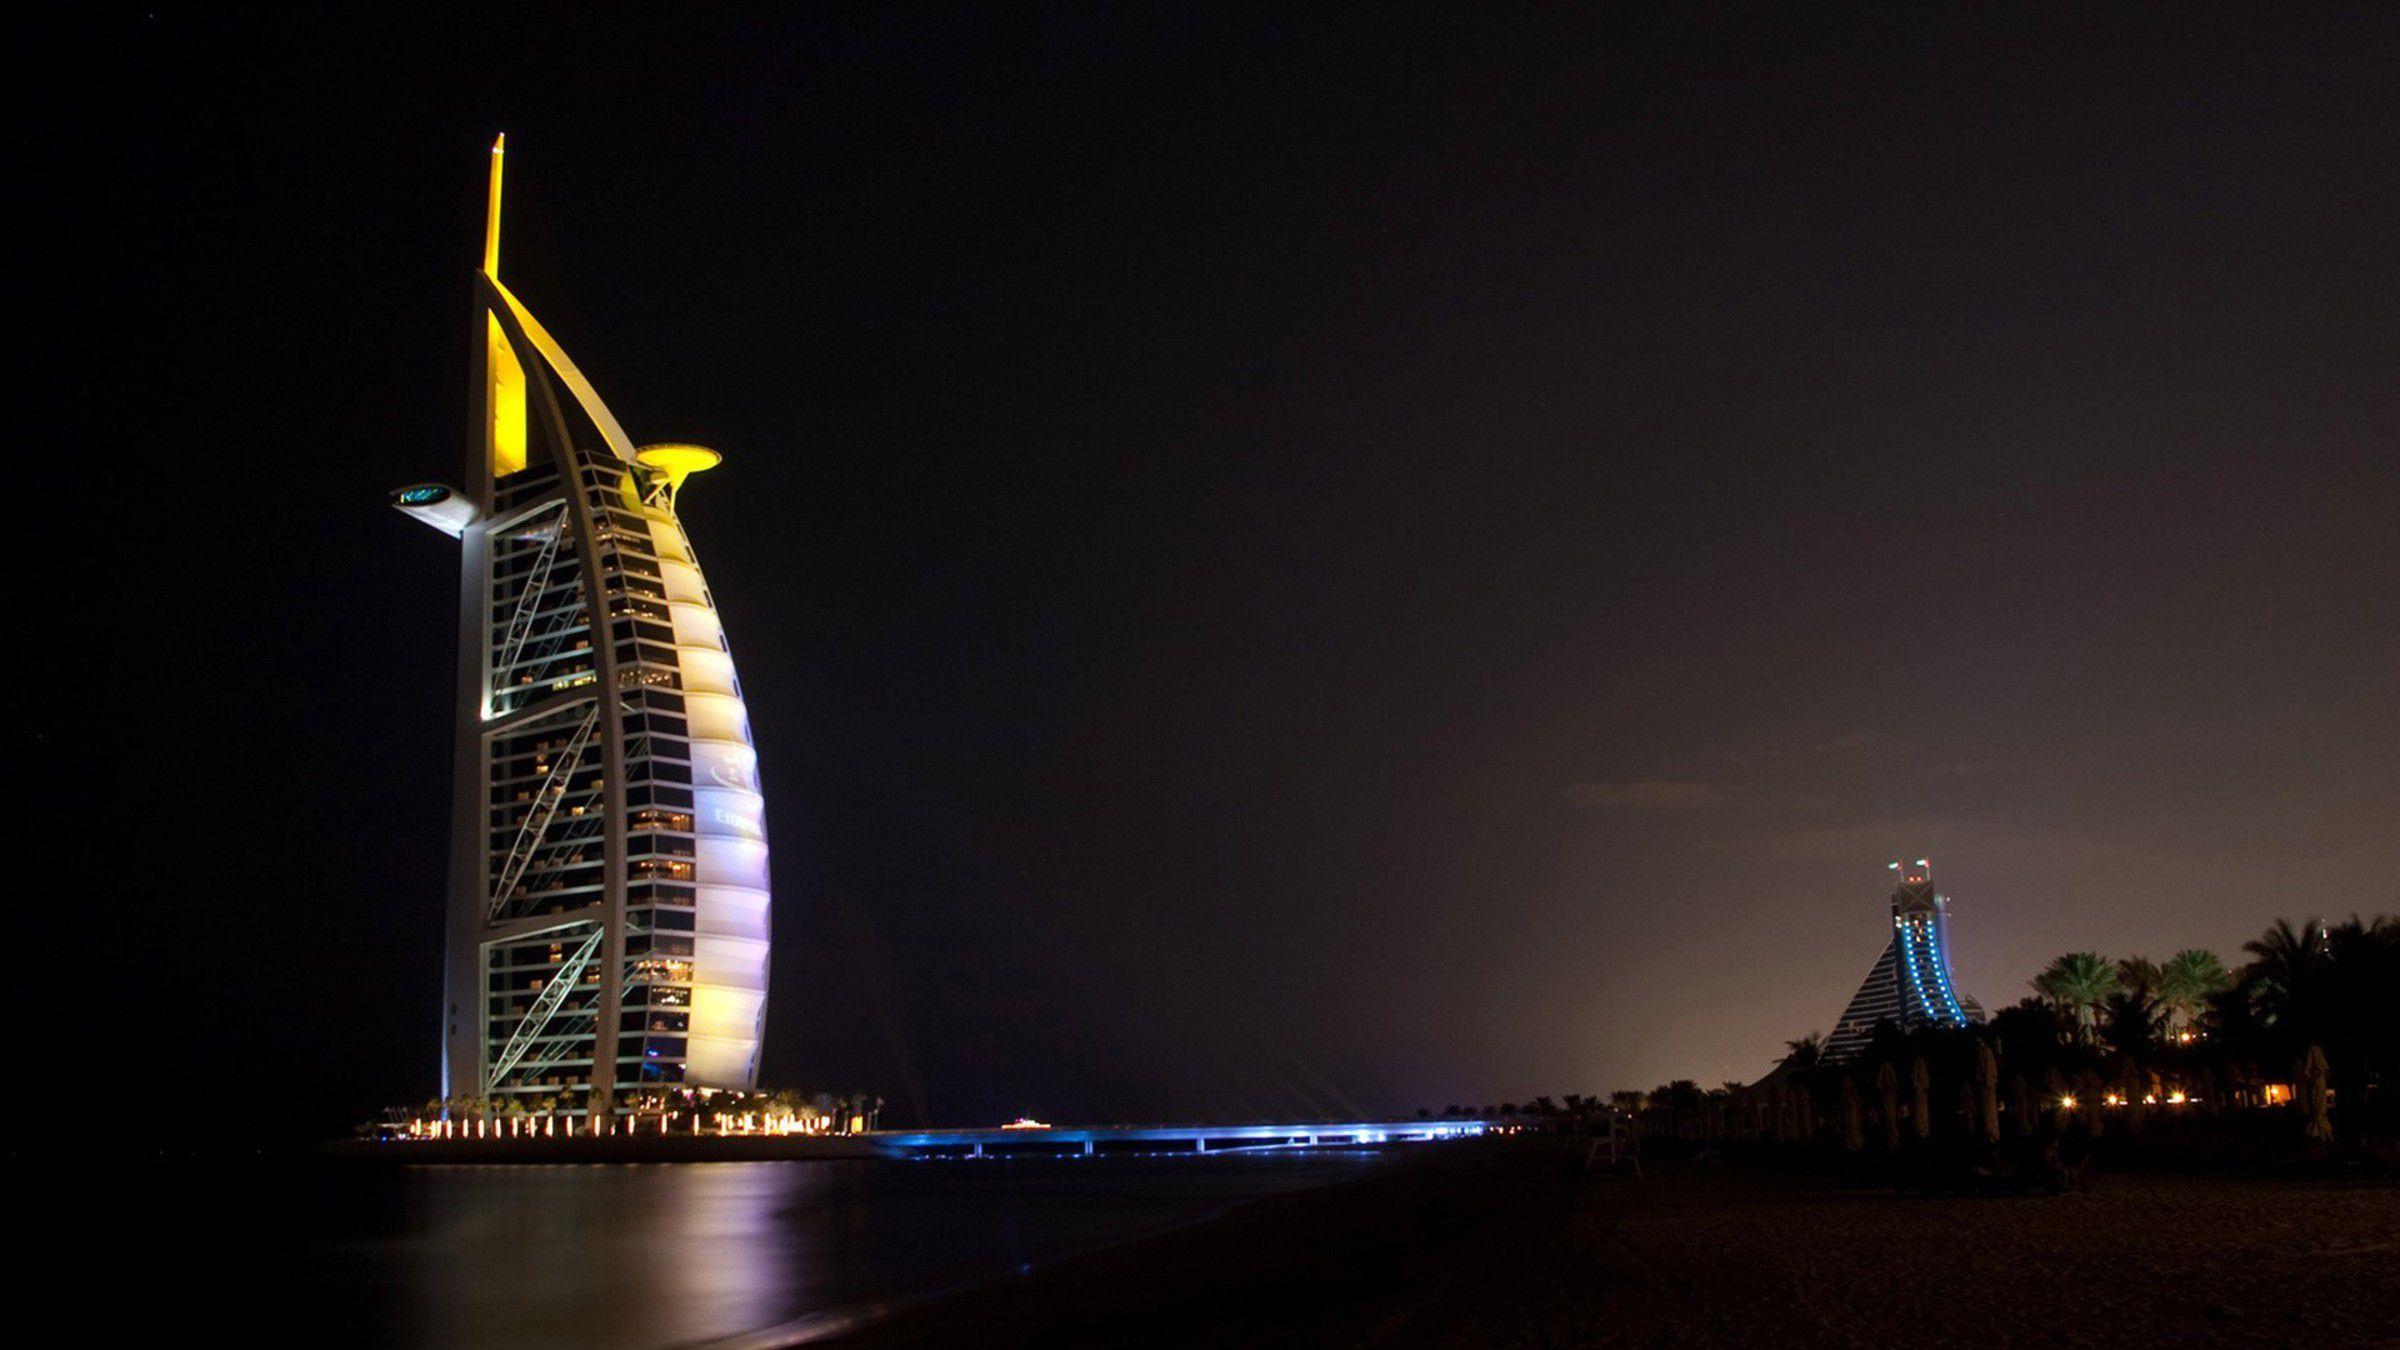 HD Burj al Arab Hotel Wallpaper 2400x1350